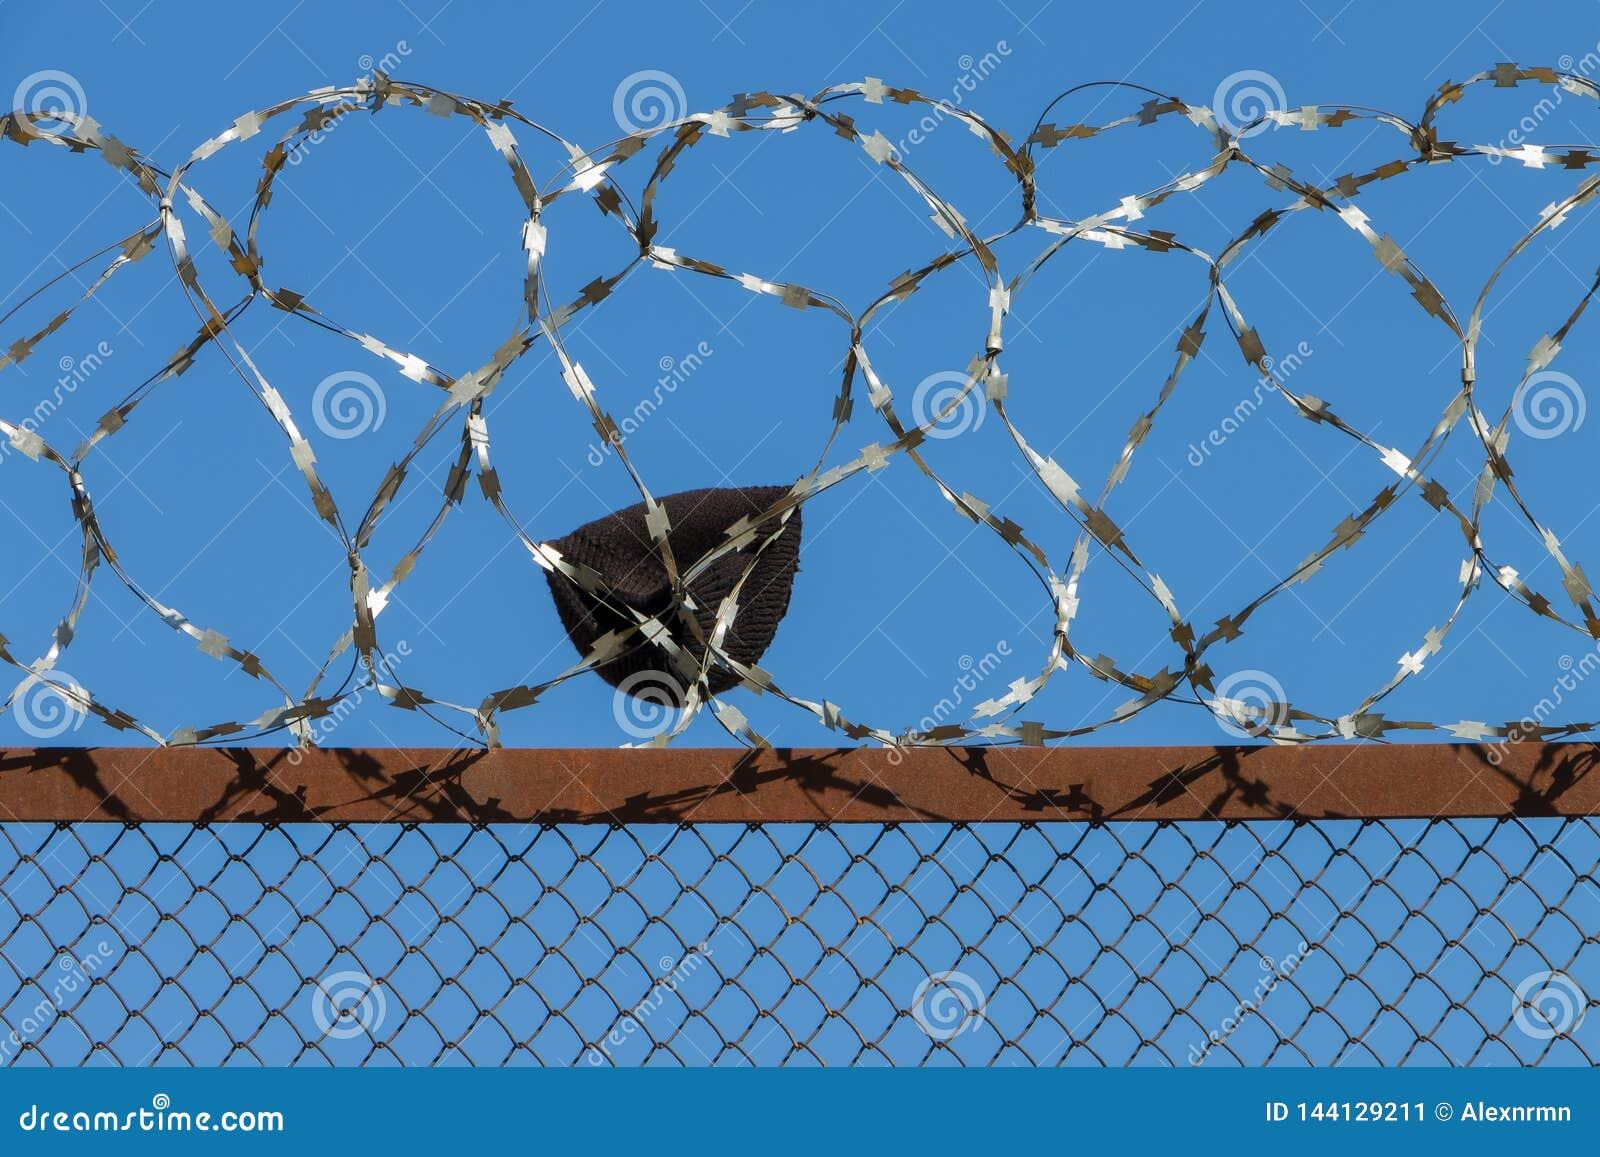 Ein Fragment von Kleidung auf dem Zaun mit Stacheldraht